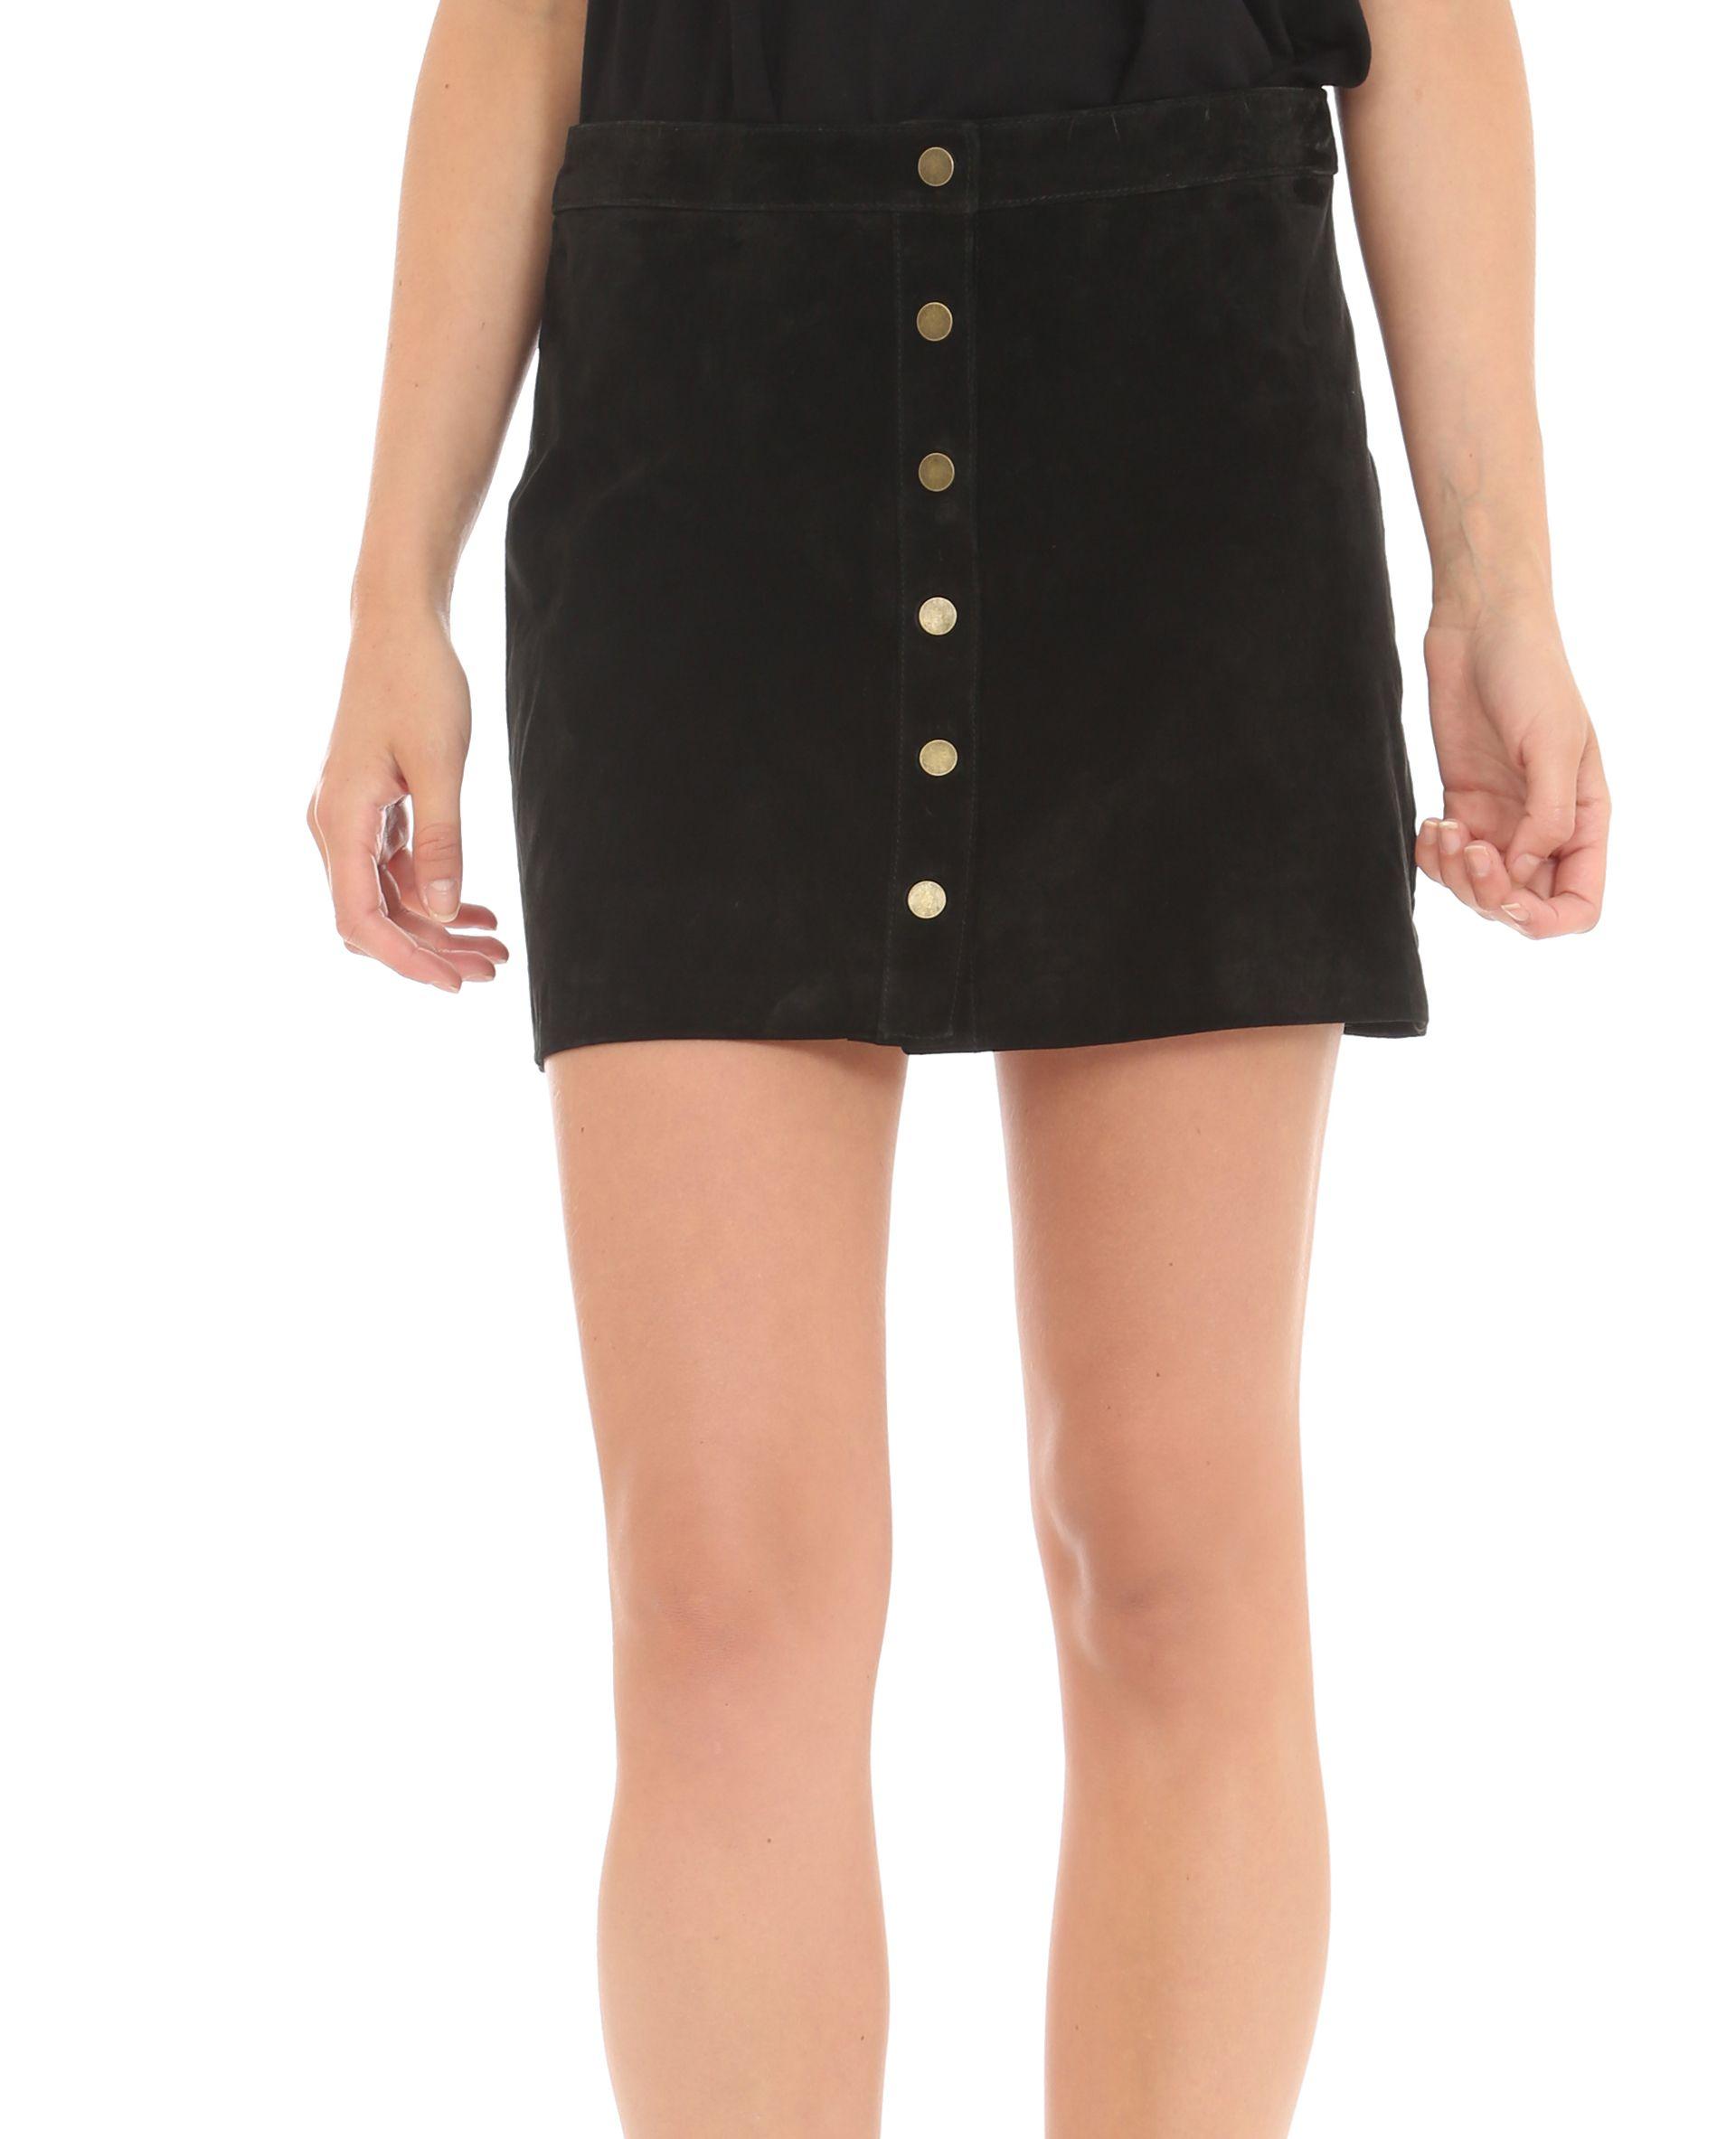 6dc5b89447a5ea Jupe boutonnée en cuir - Une jupe aux allures 60's, on adore ...